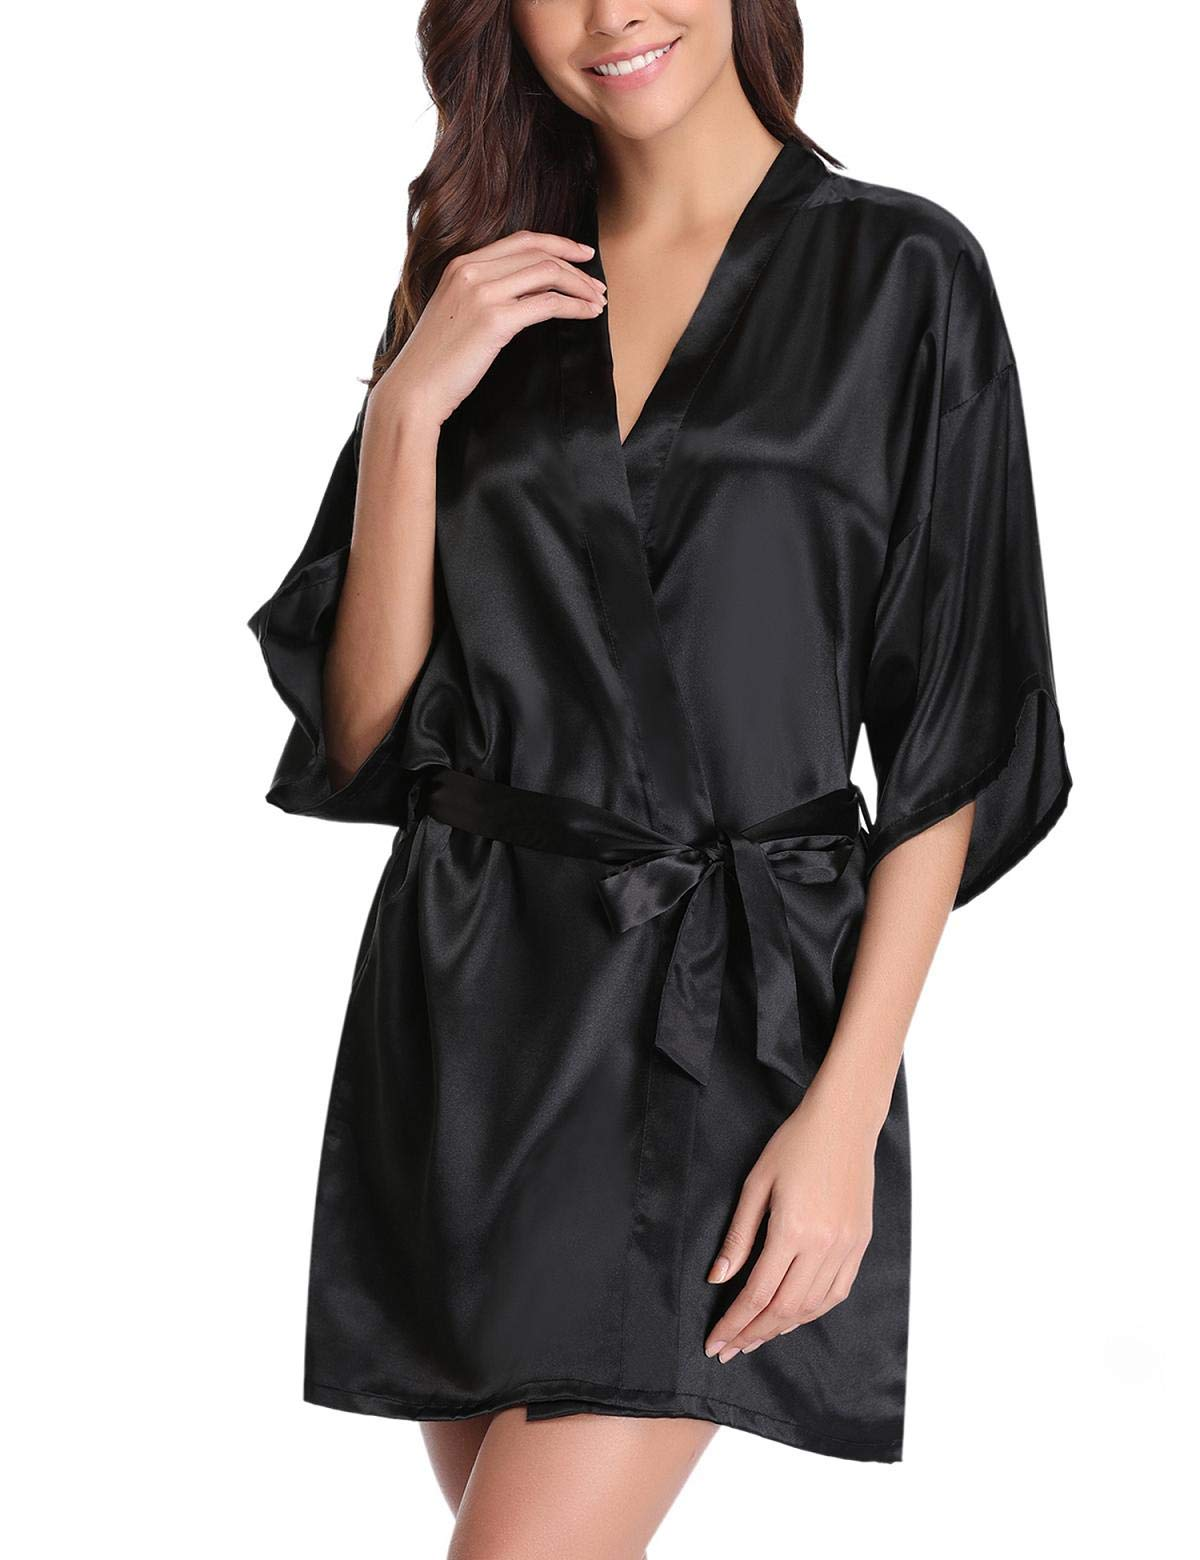 Abollria Women's Satin Kimono Robes Short Silky Bathrobe Party Robes Dressing Gown Sleepwear